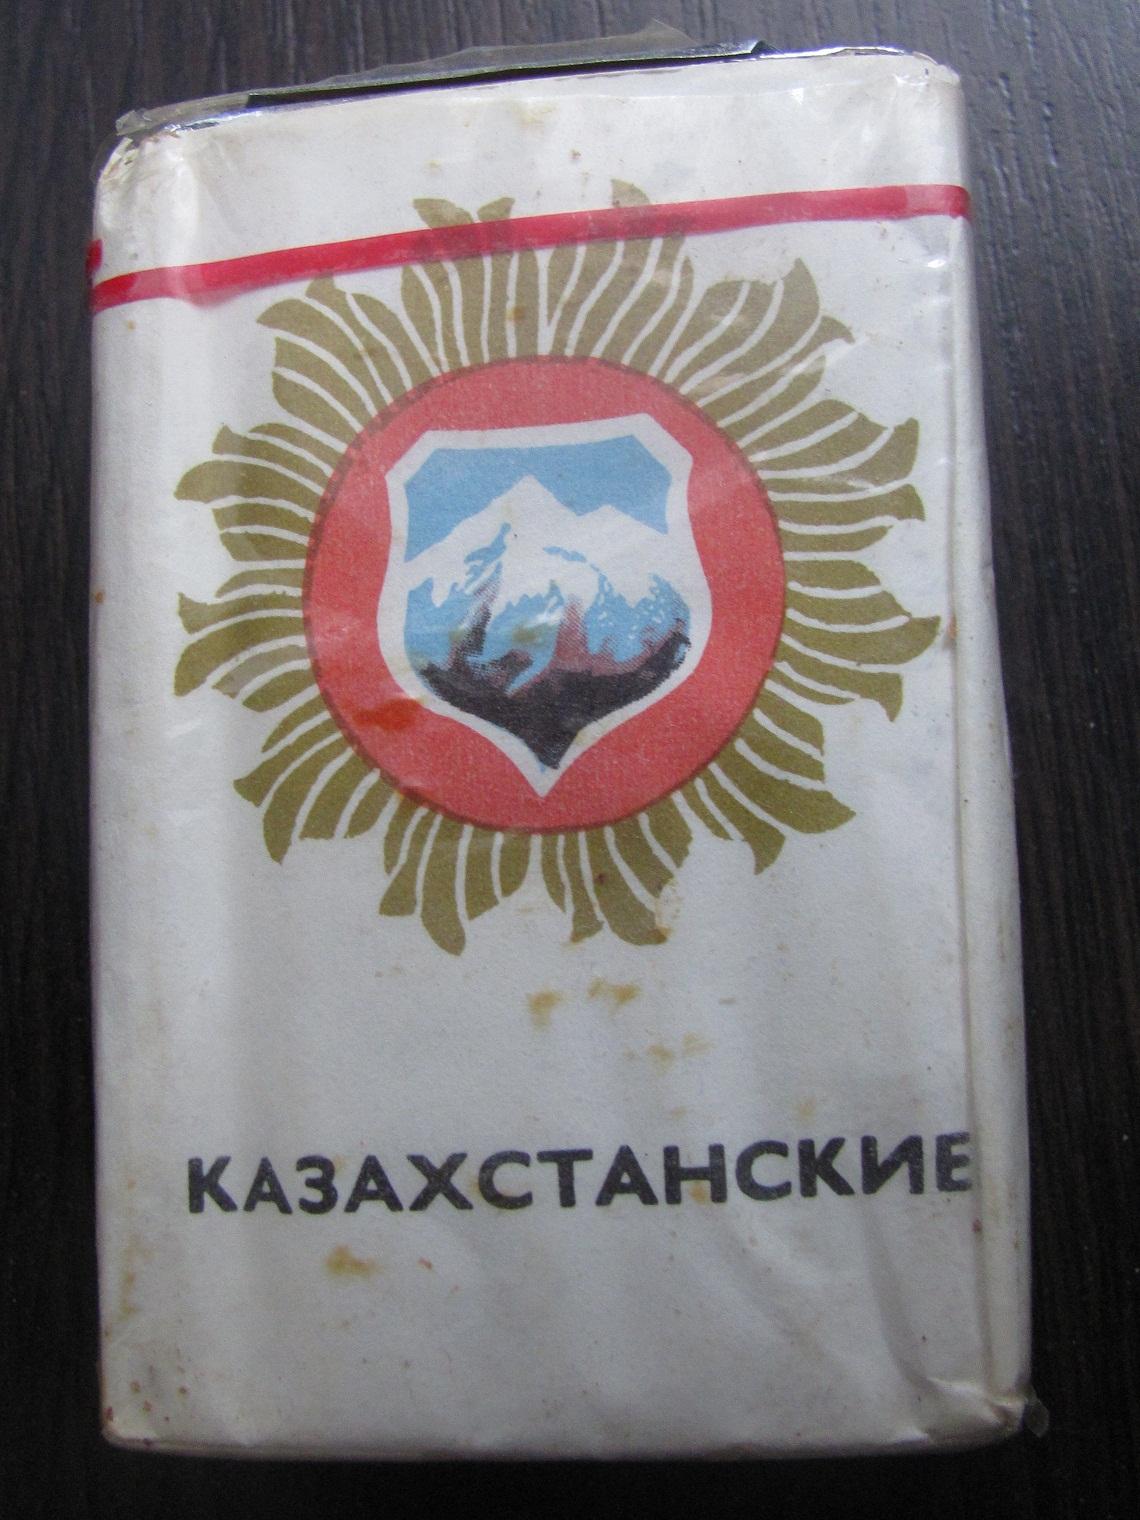 Казахстанские сигареты купить купить машинку для скручивания сигарет минск